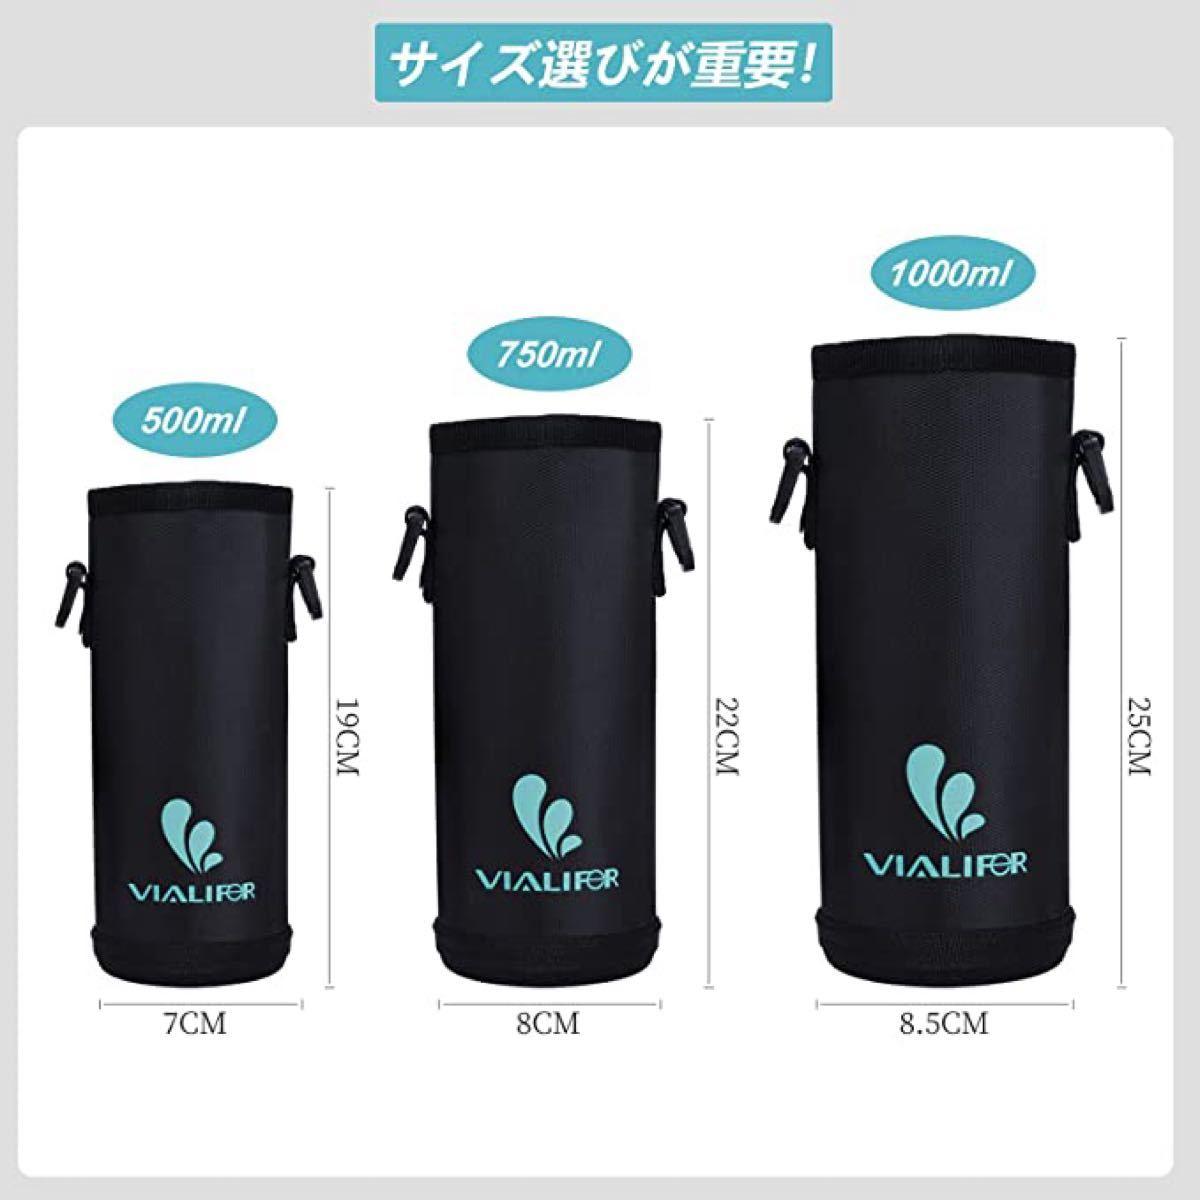 保温・保冷両用 水筒カバー Vialifer 水筒・マグボトル用スポーツボトル 用ハンディポーチ 1000ml